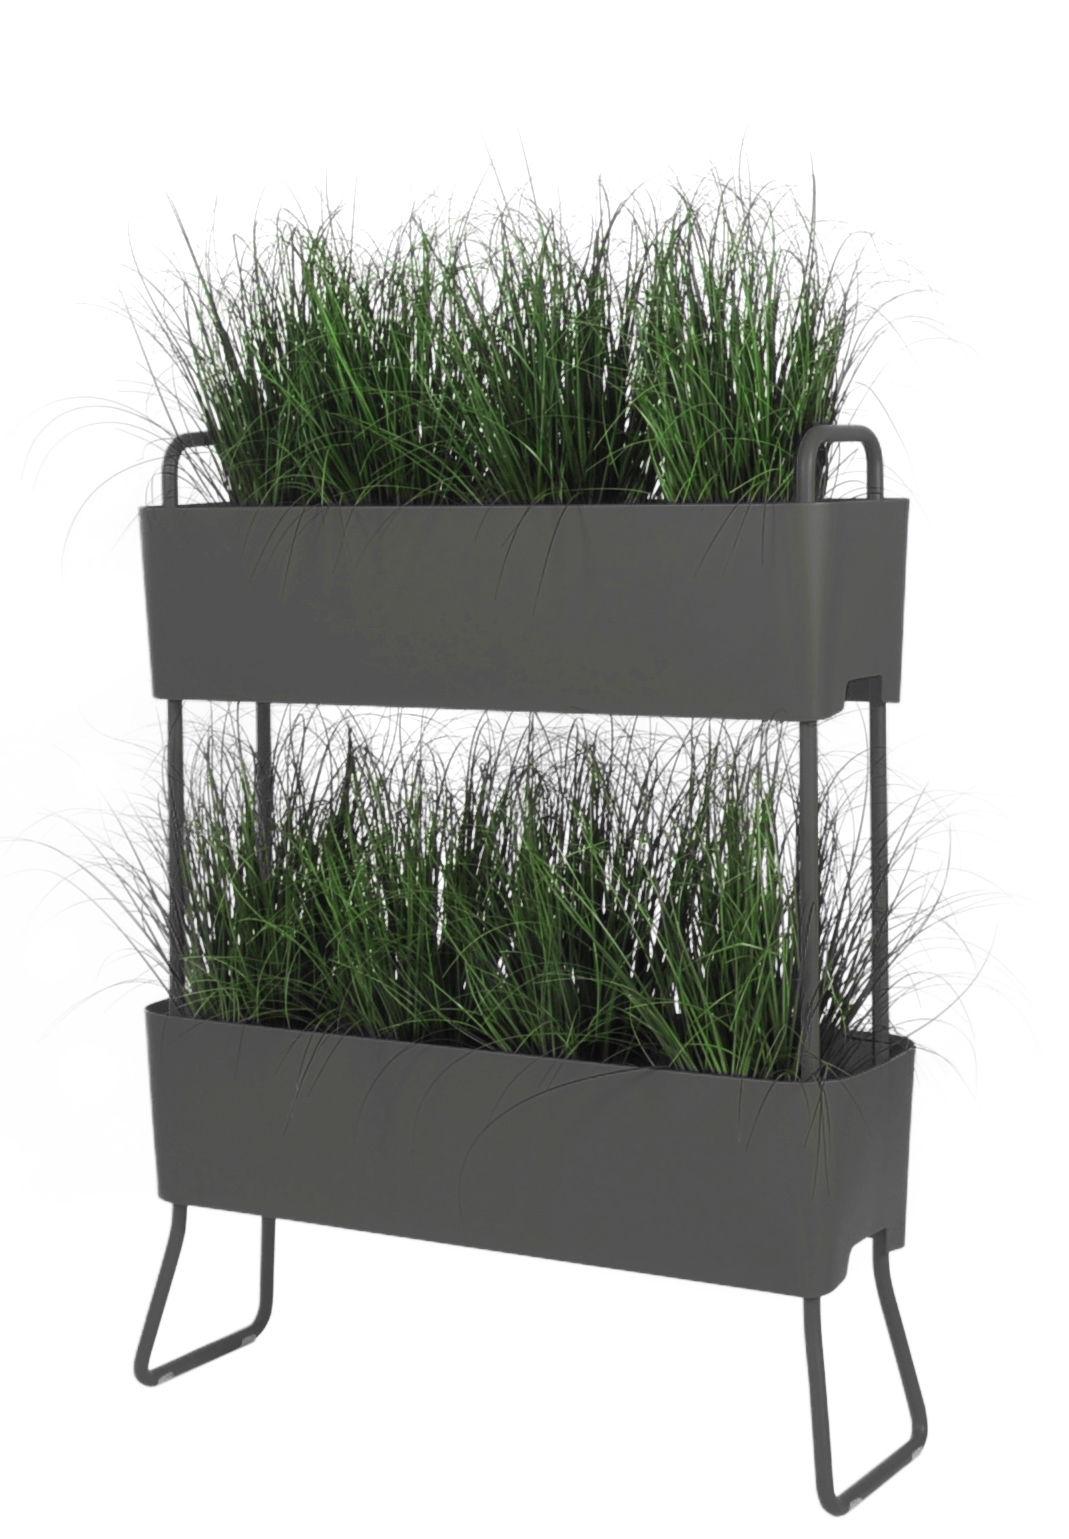 Outdoor - Töpfe und Pflanzen - Greens Duo Blumenkasten / 2er-Set zum Übereinanderstellen - L 100 cm x H 119 cm - Maiori - Anthrazit - Aluminium